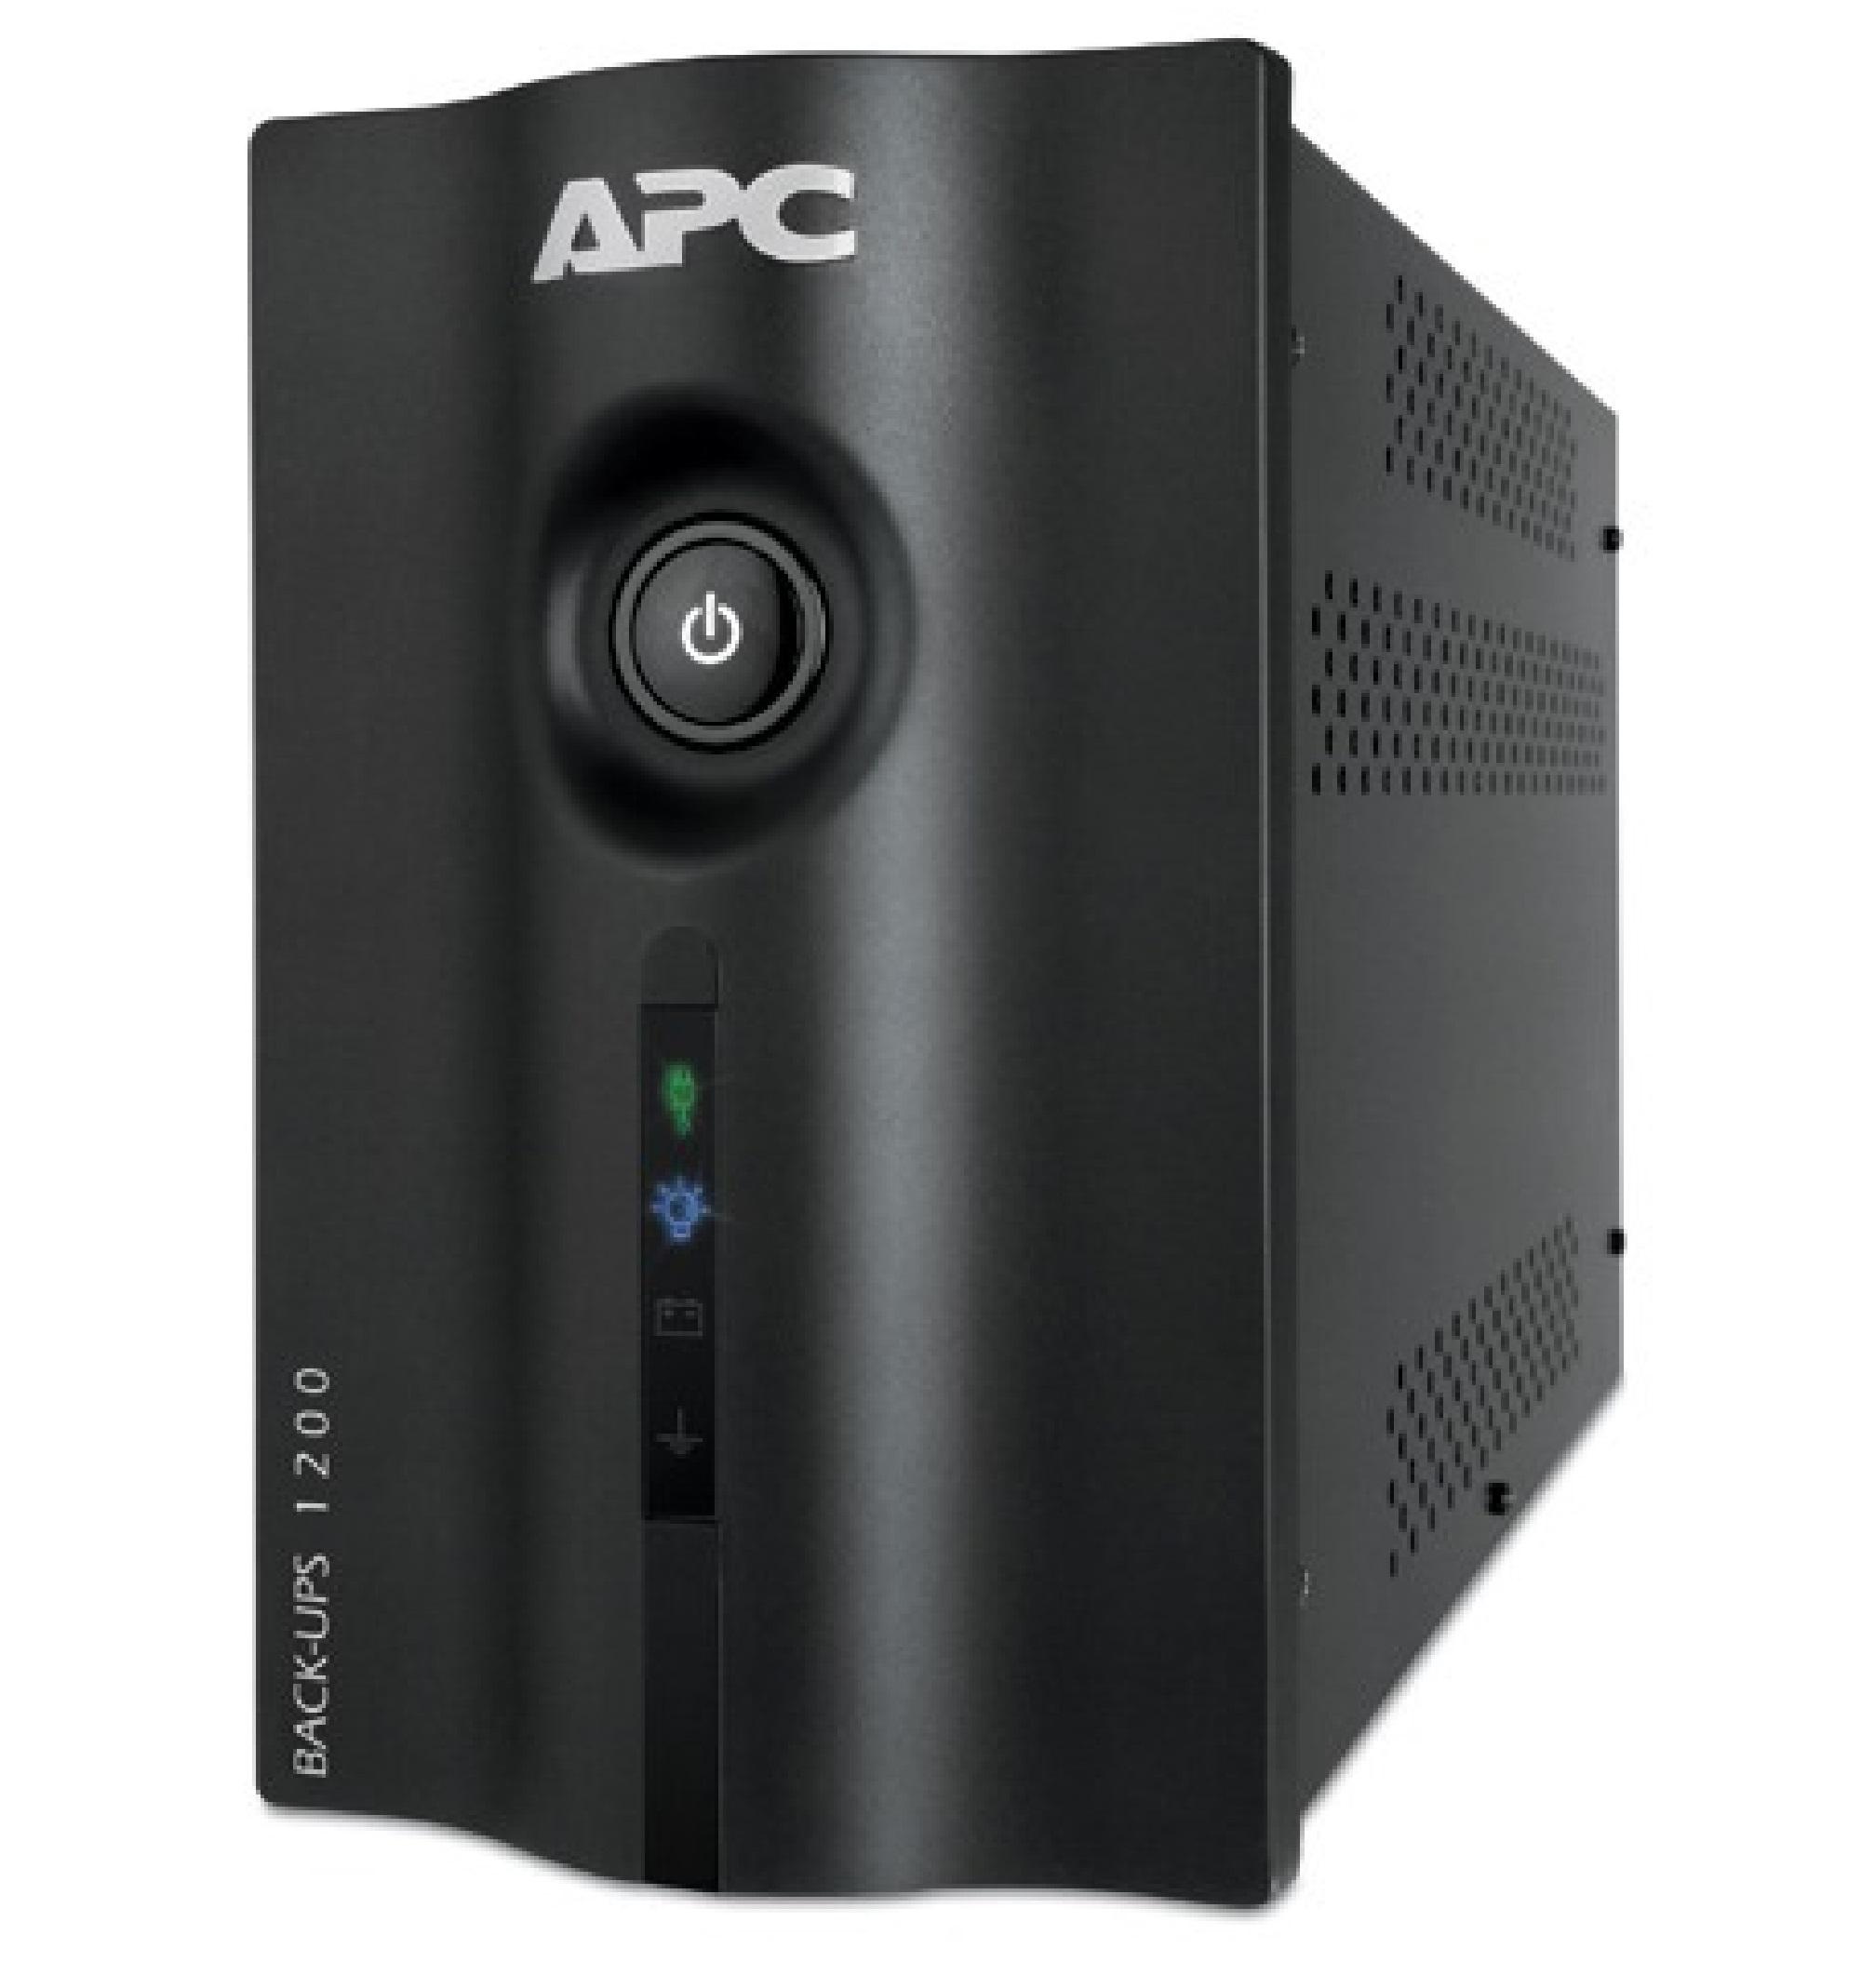 Back-UPS 1200 da APC, 115/220 V